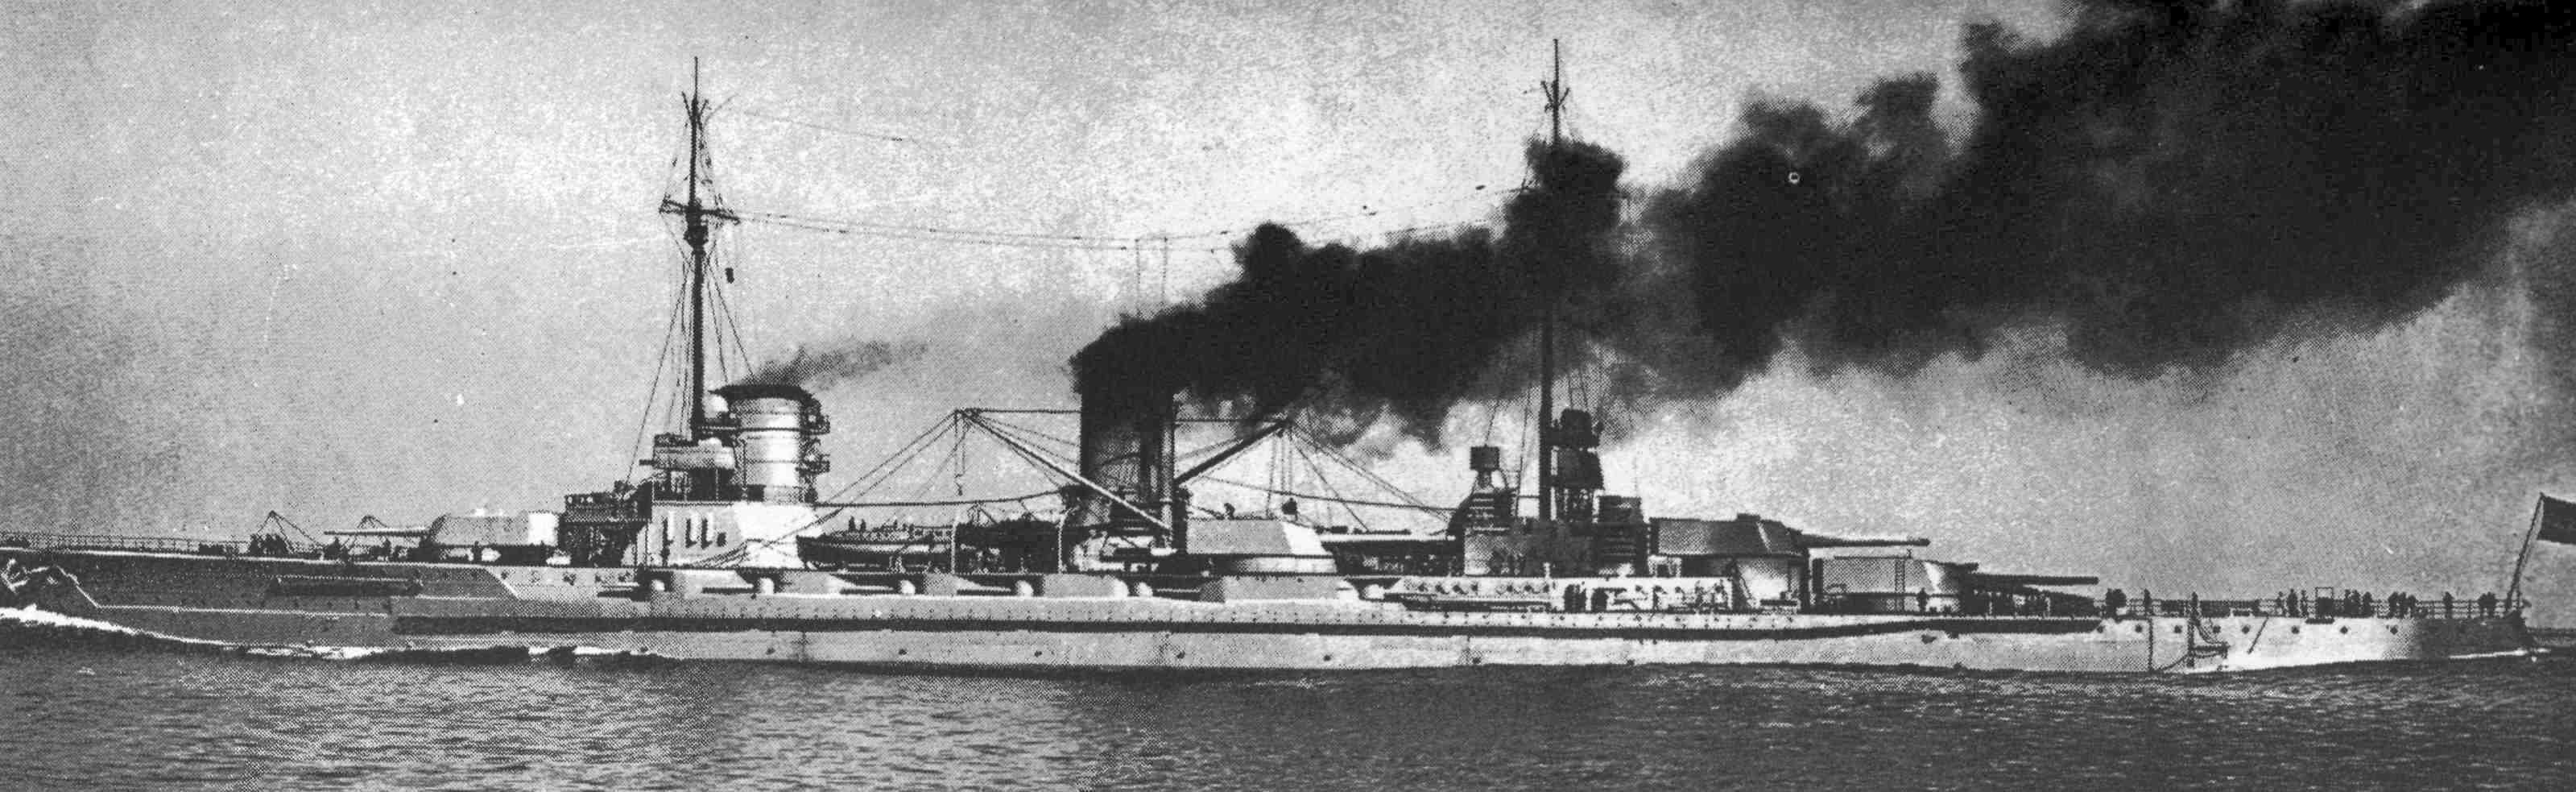 Hipper egy másik csatacirkálója, a Moltke.